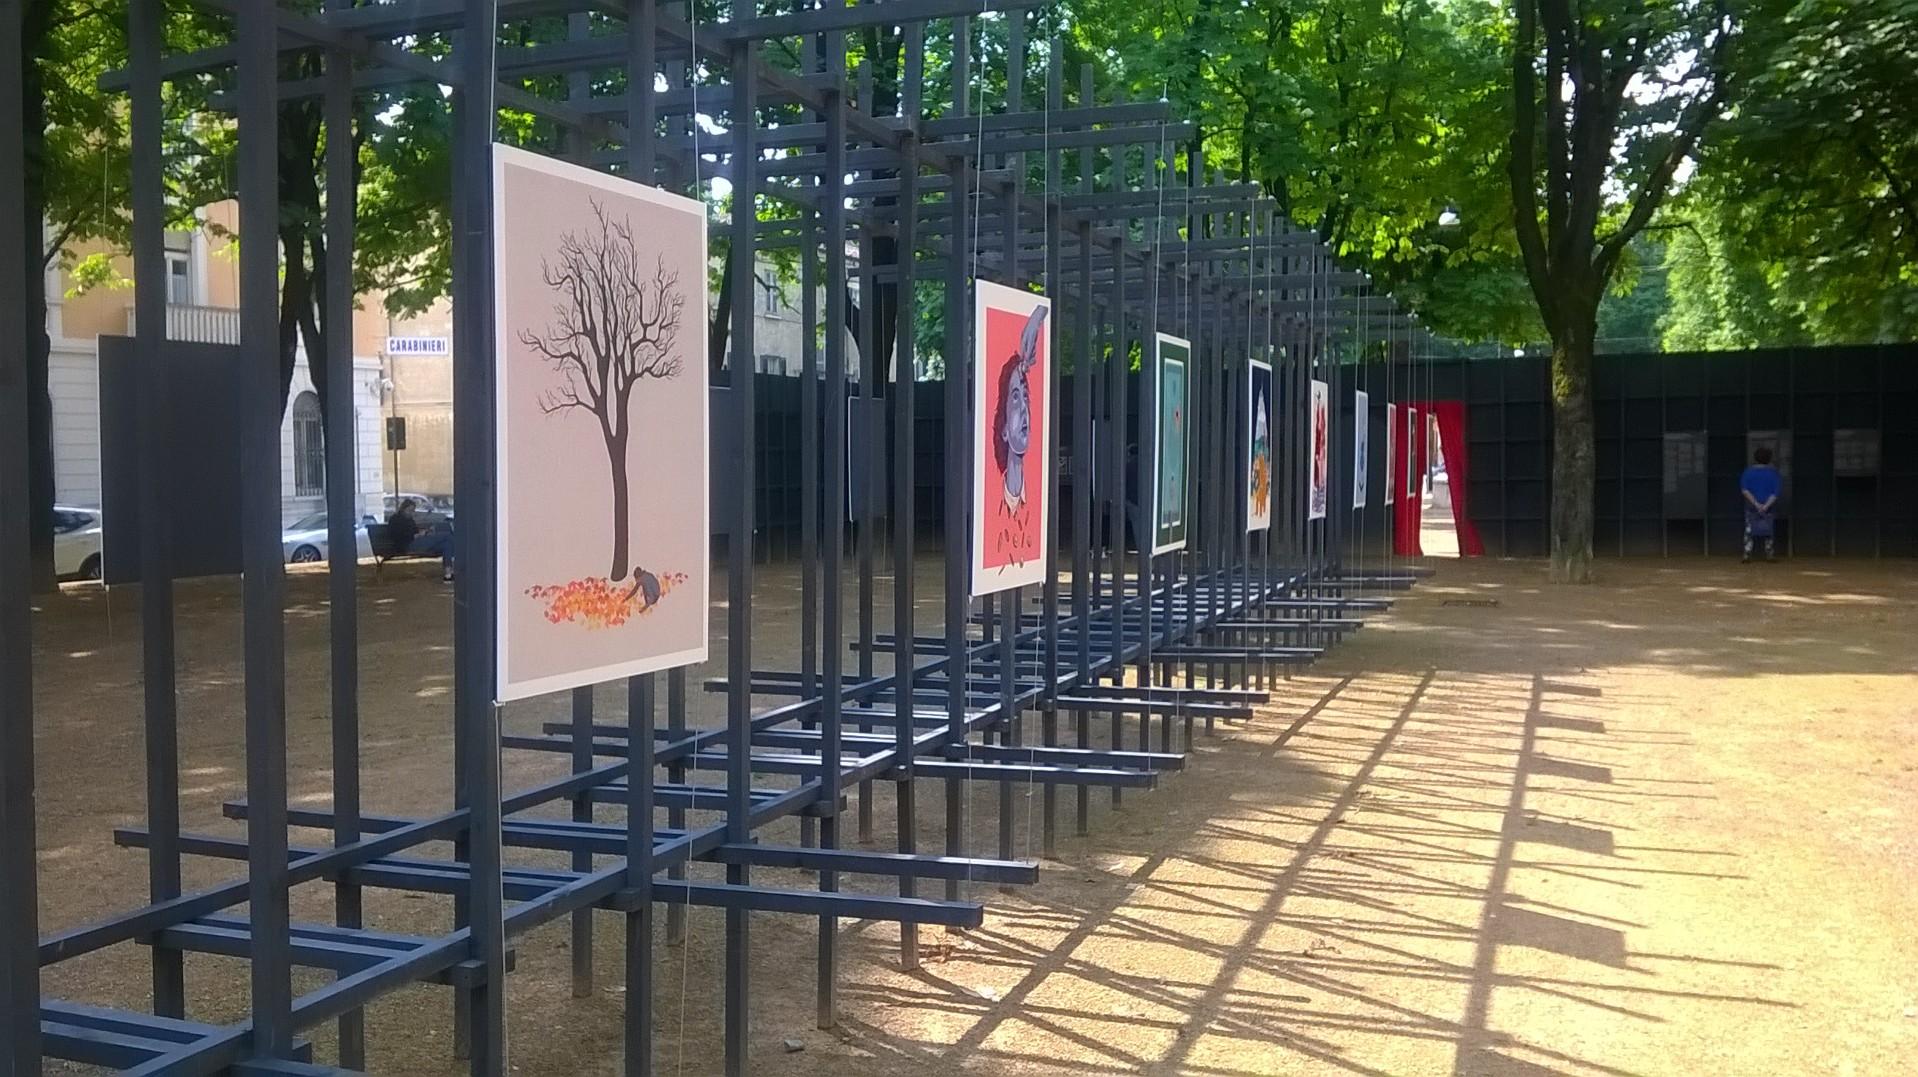 Installazione artistica all'aperto